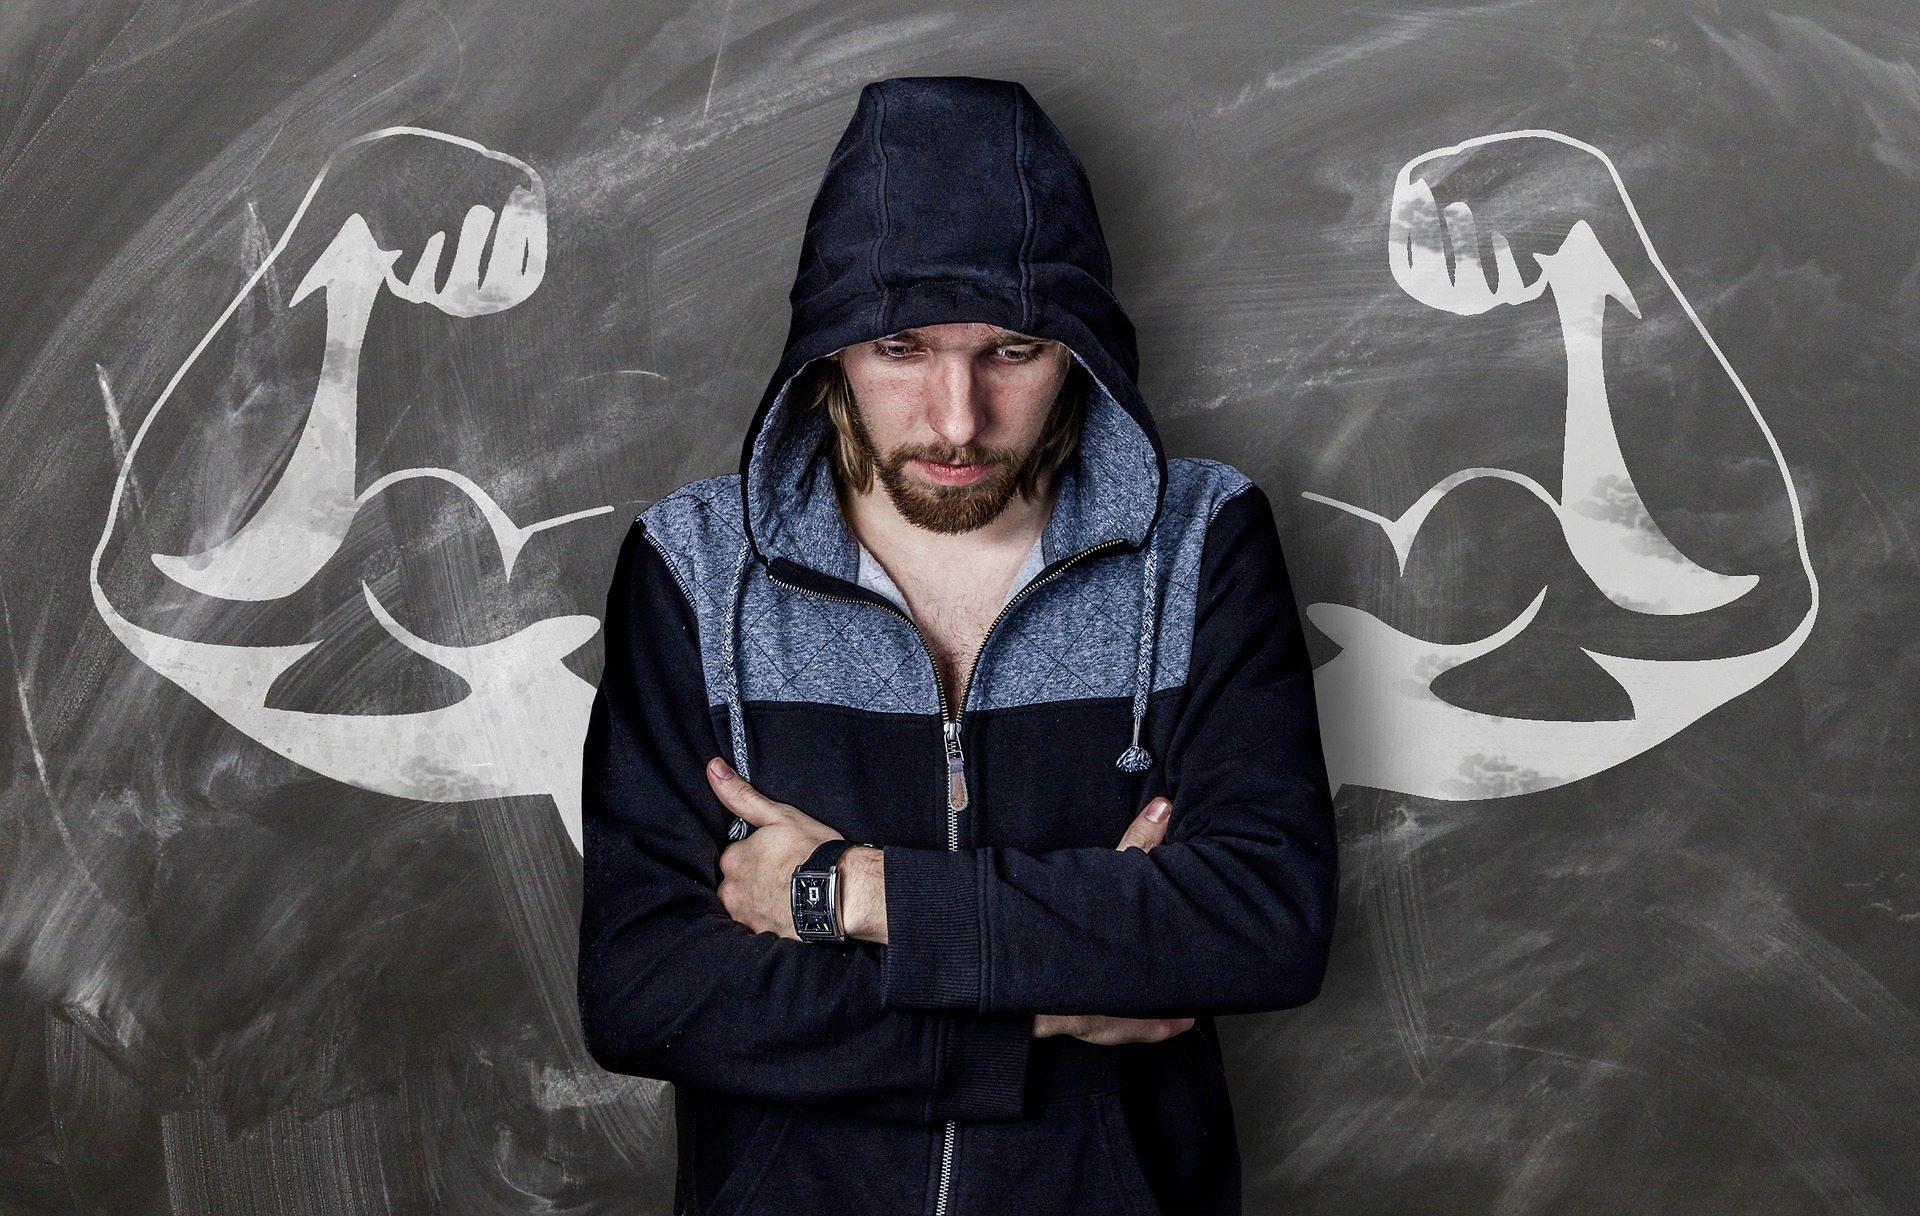 Image: A man wishing he was muscular